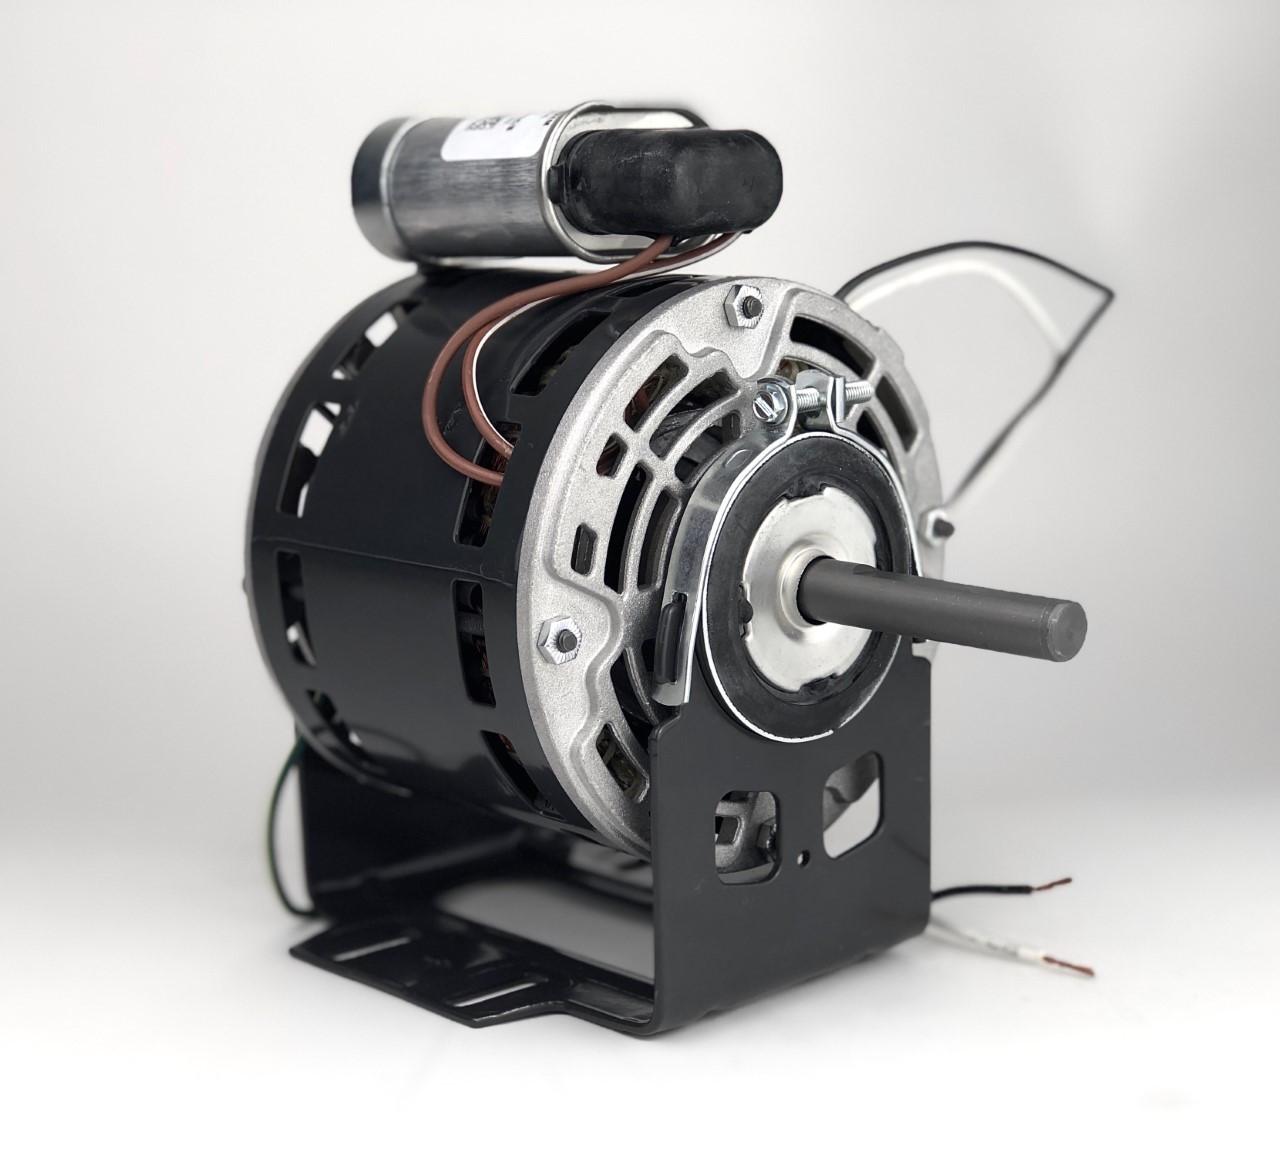 E-63821N (open box) Electric Motor (7185-0219, DF2G034, DF2F012, 63821-0, 63754-0 ) 1/4 hp, 1500 RPM 115 Volts